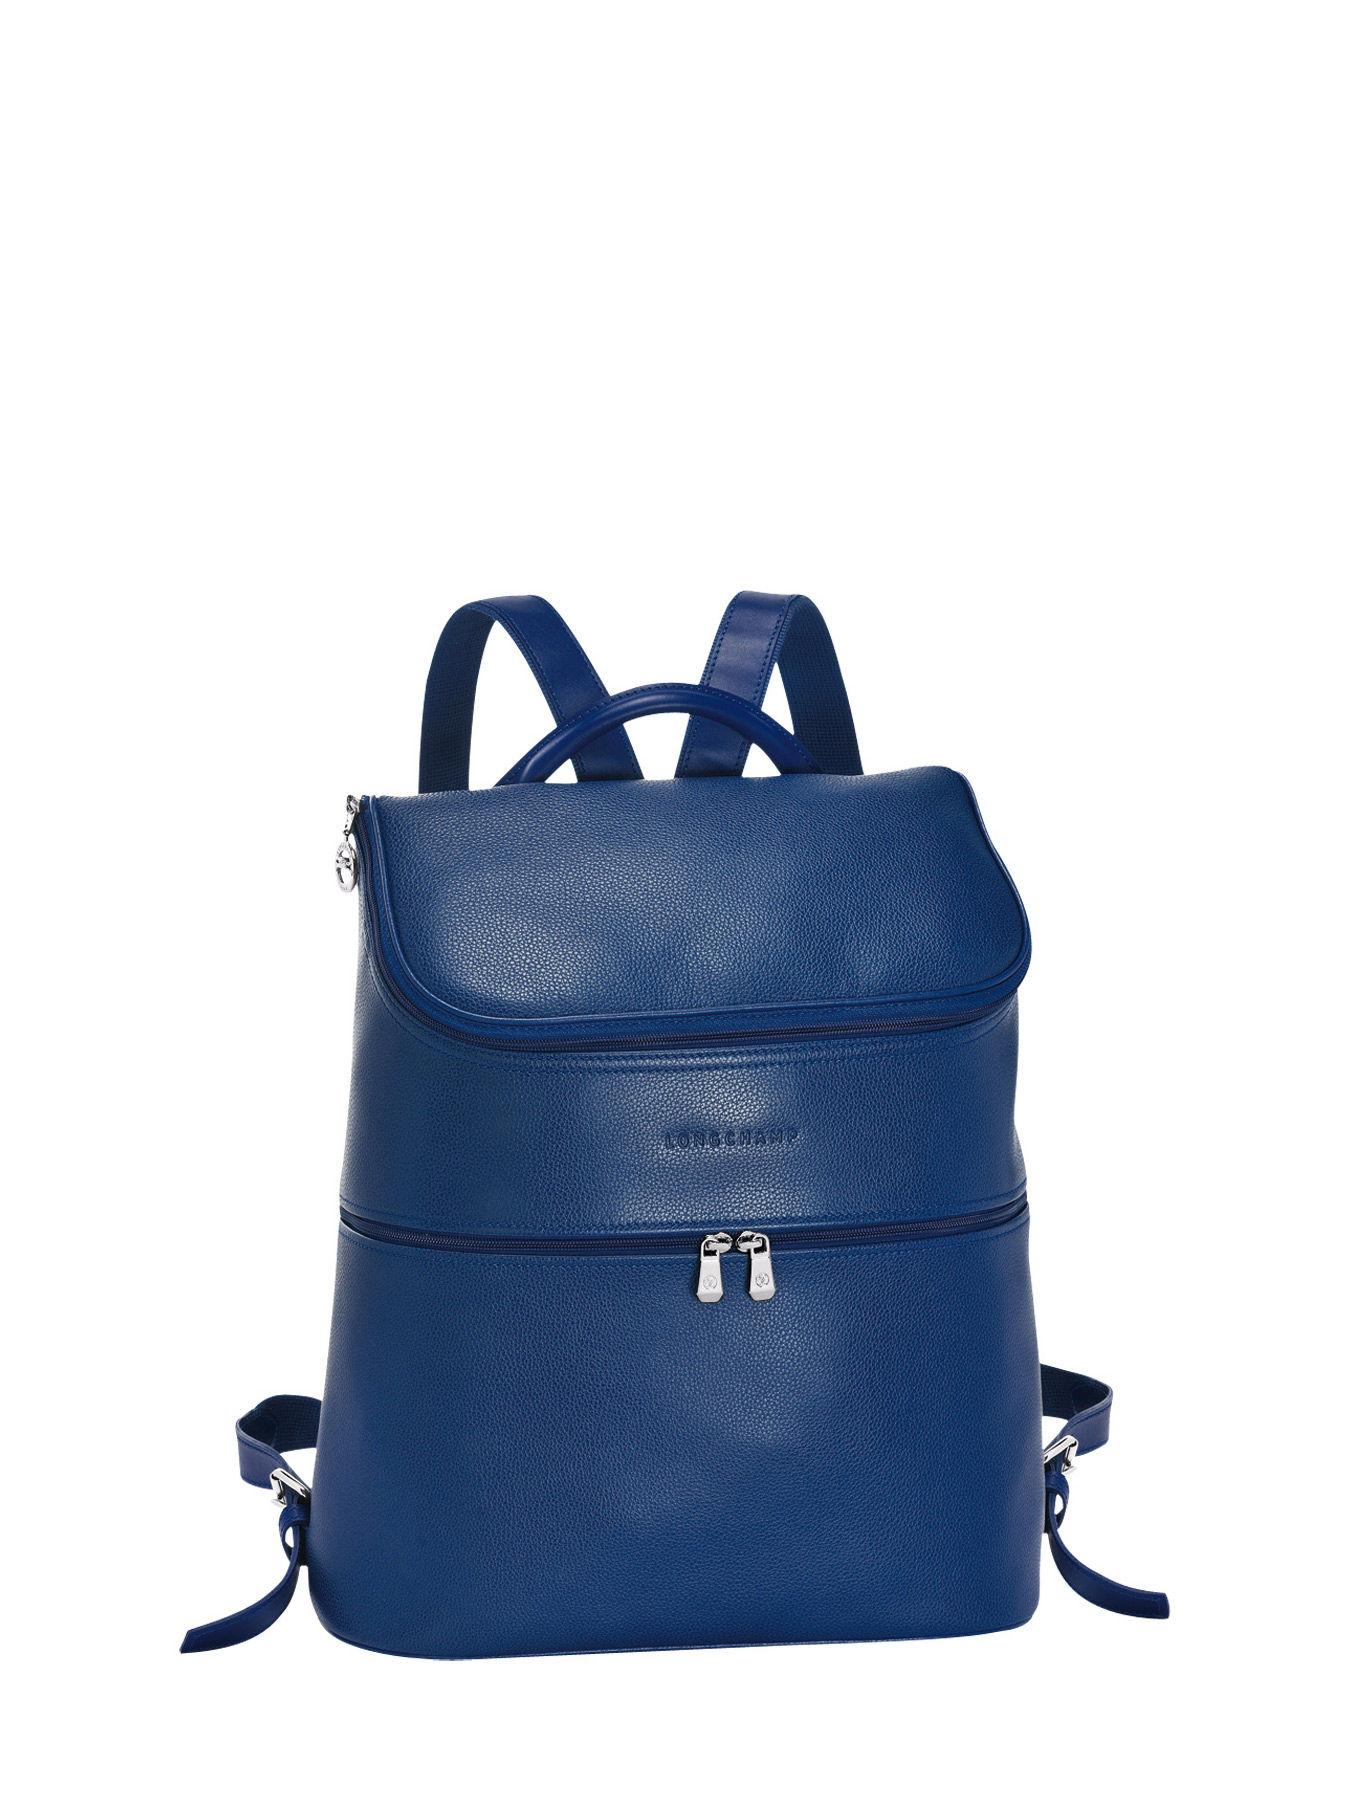 Longchamp Le foulonné Sac à dos Bleu